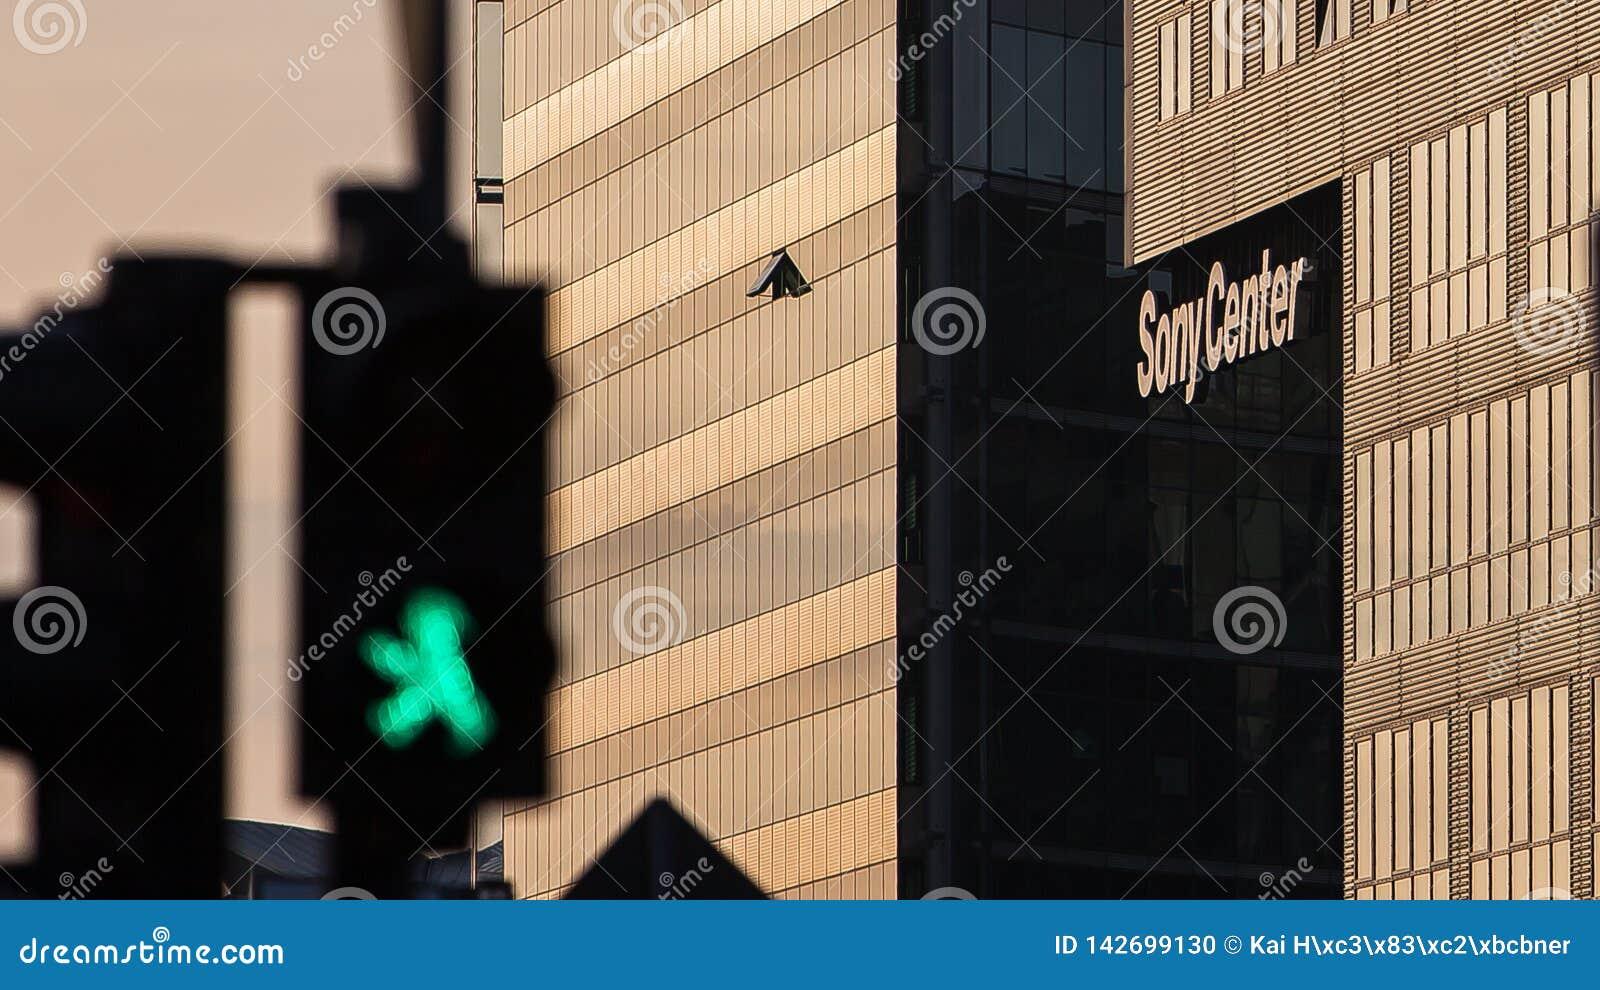 Luces de los peatones del verde de Berlin Potsdam Square con Sony Center